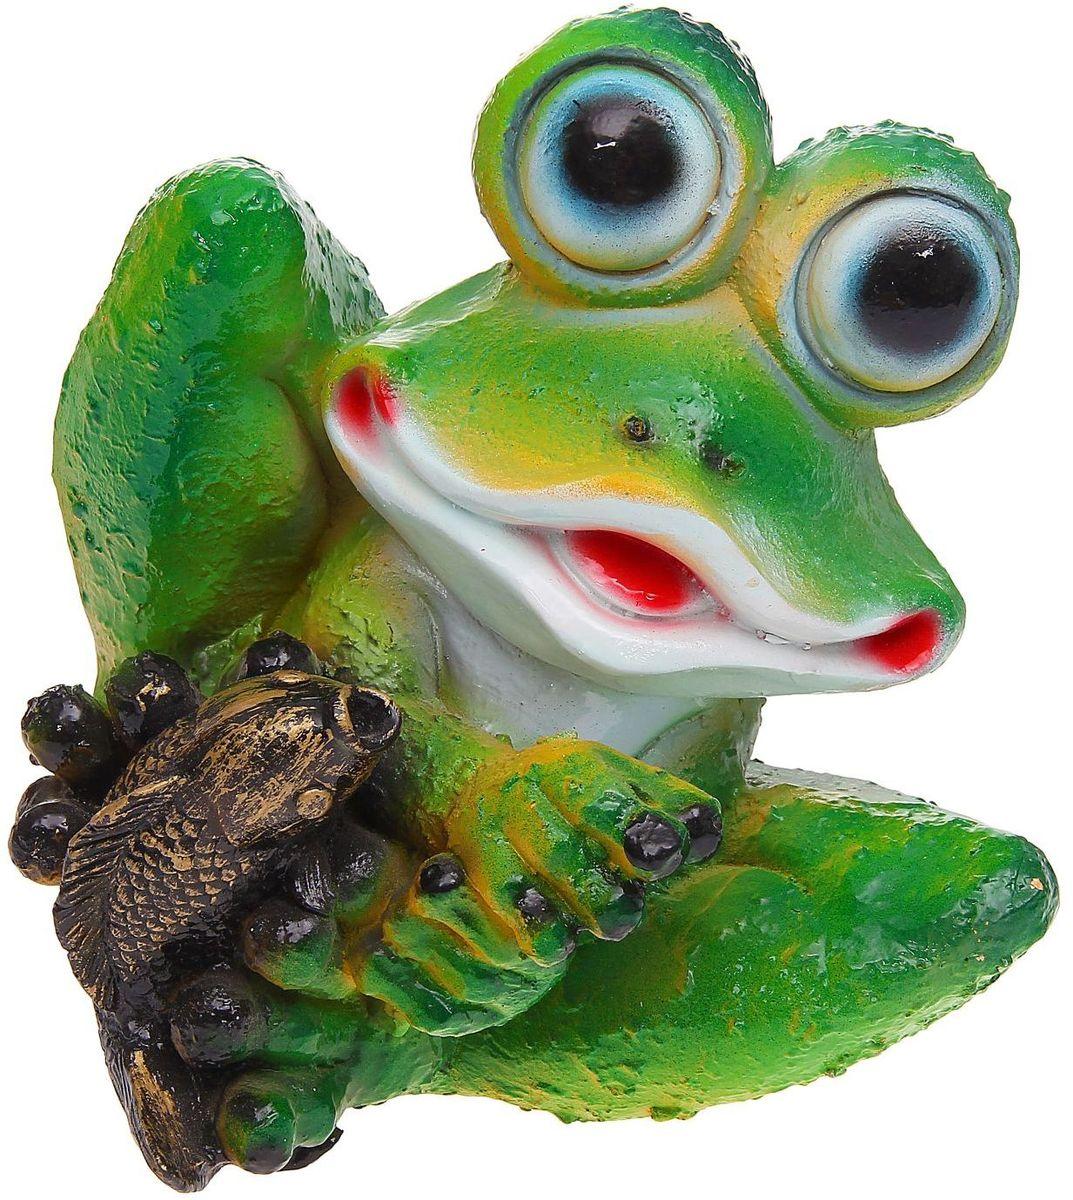 Фигура садовая Лягушонок с рыбкой, 23 х 23 х 25 см531-105Забавные лягушки добавят новые краски в ландшафт сада. Красочная? Садовая фигура легко расставит нужные акценты: приманит взор к водоёму или привлечёт внимание к цветочной клумбе. Гармоничнее всего лягушата сморятся в местах своего природного обитания: располагайте их рядом с водой или в траве? Садовая фигура из полистоуна (искусственного камня) — оптимальное решение для уличных условий. Этот материал не выцветает на солнце, даже если находится под воздействием ультрафиолета круглый год. Искусственный камень имеет низкую пористость, поэтому ему не страшна влага и на нём не появятся трещины? Садовая фигура будет хранить красоту сада долгие годы.